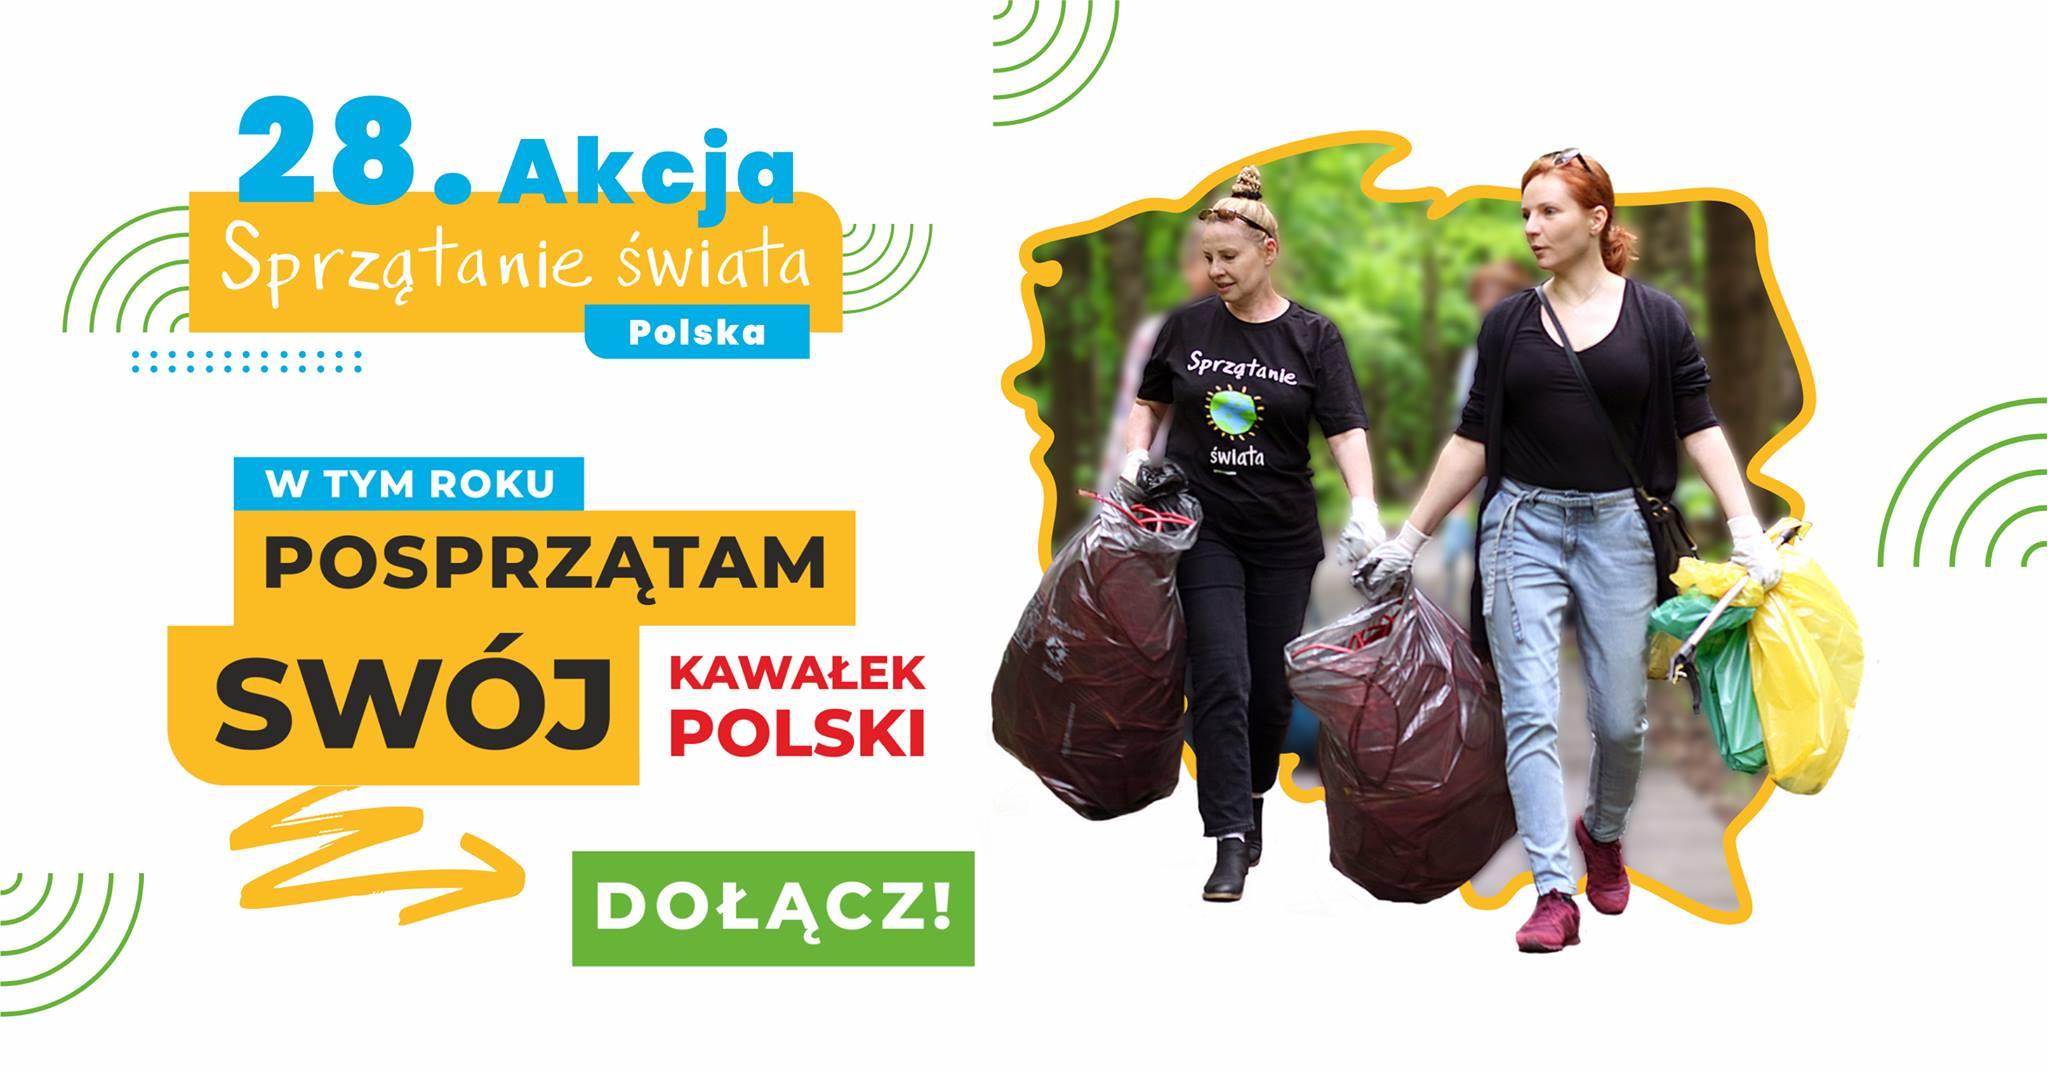 https://m.powiatszczycienski.pl/2021/09/orig/197462116-10157934041527401-7010898853408988319-n-42876.jpg